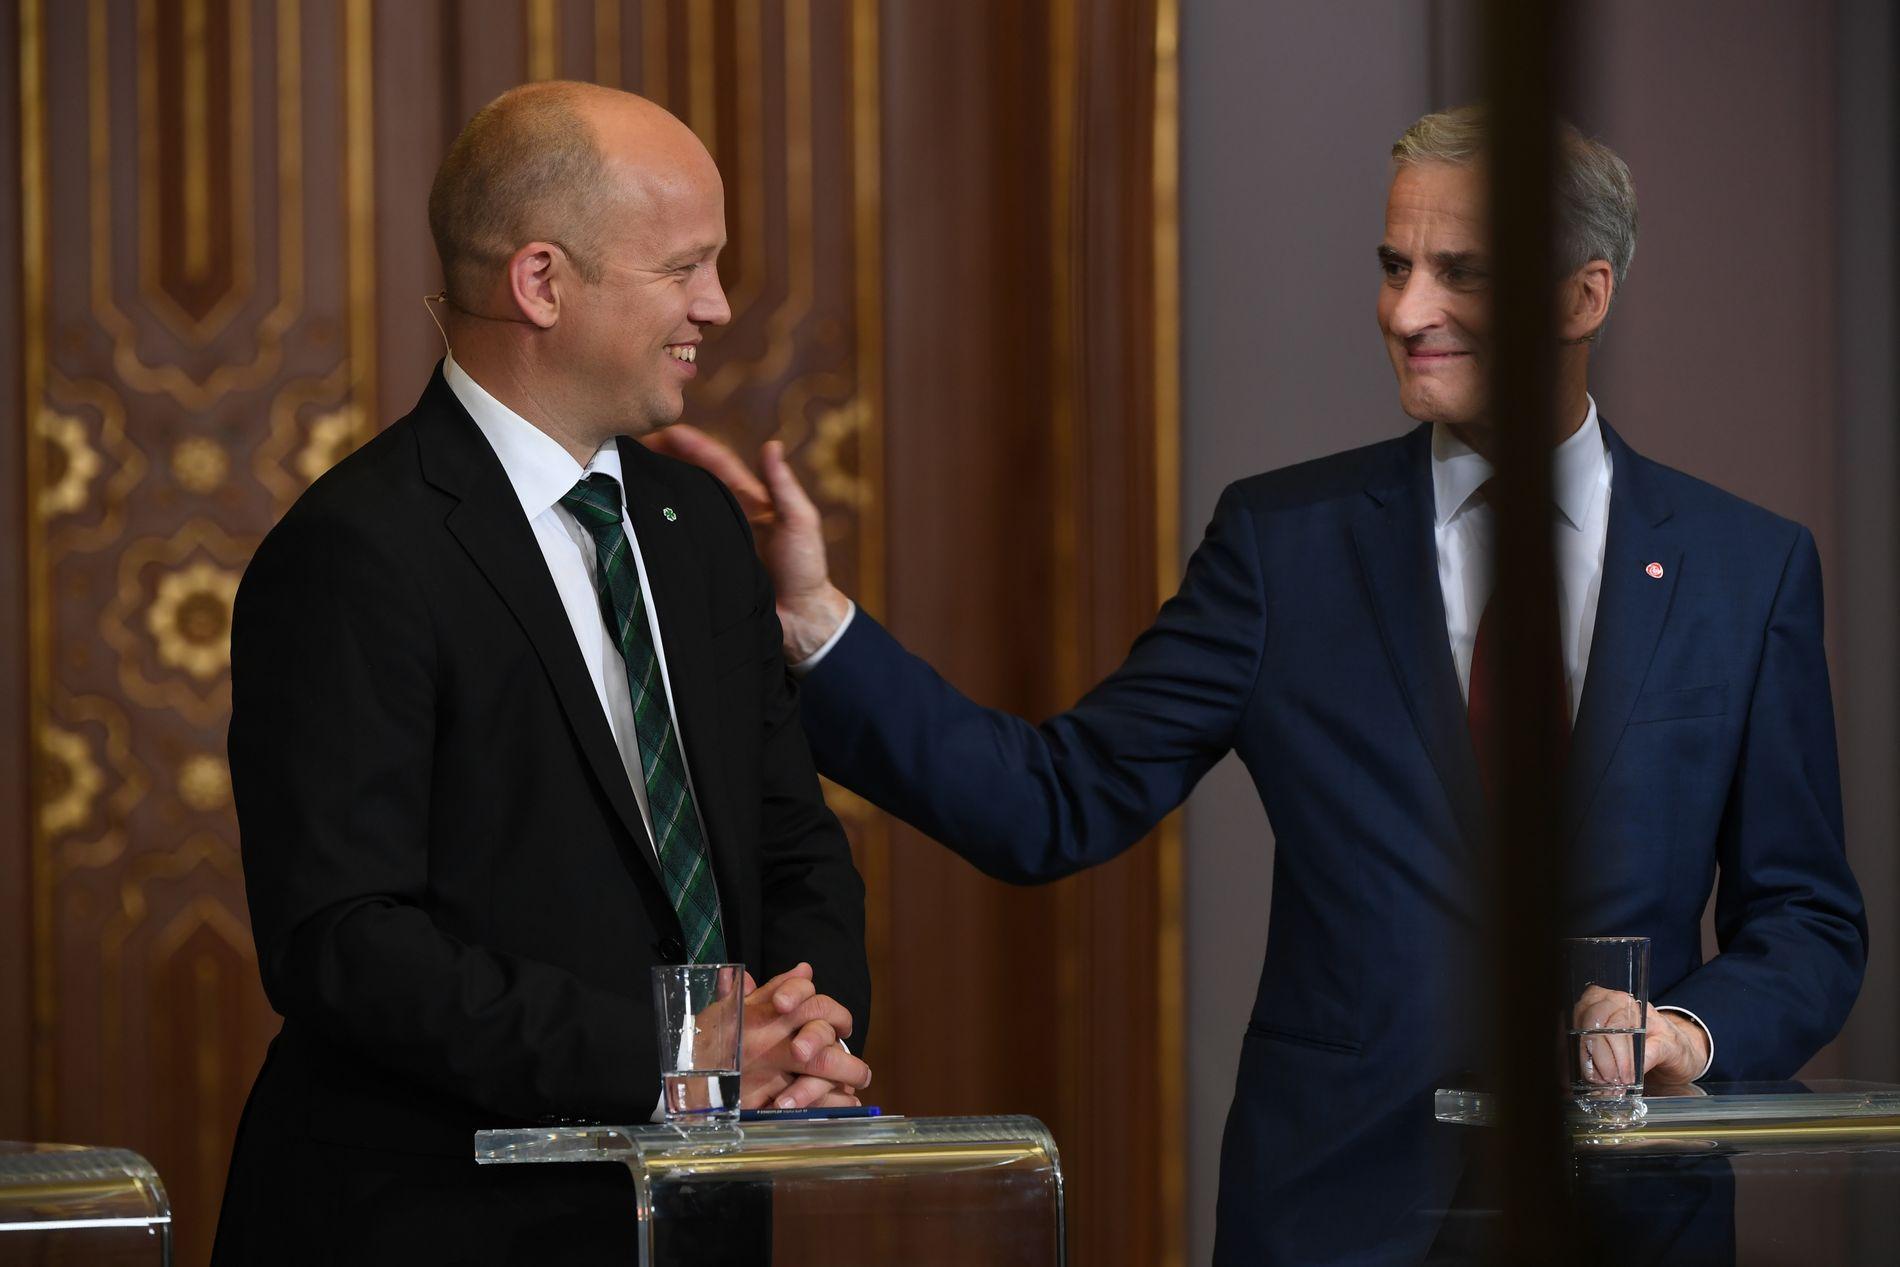 VINNER OG TAPER: Trygve Slagsvold Vedum og Sp ligger an til å bli valgvinnere, mens Jonas Gahr Støre og Arbeiderpartiet får det dårligste resultatet i et kommunevalg siden krigen.